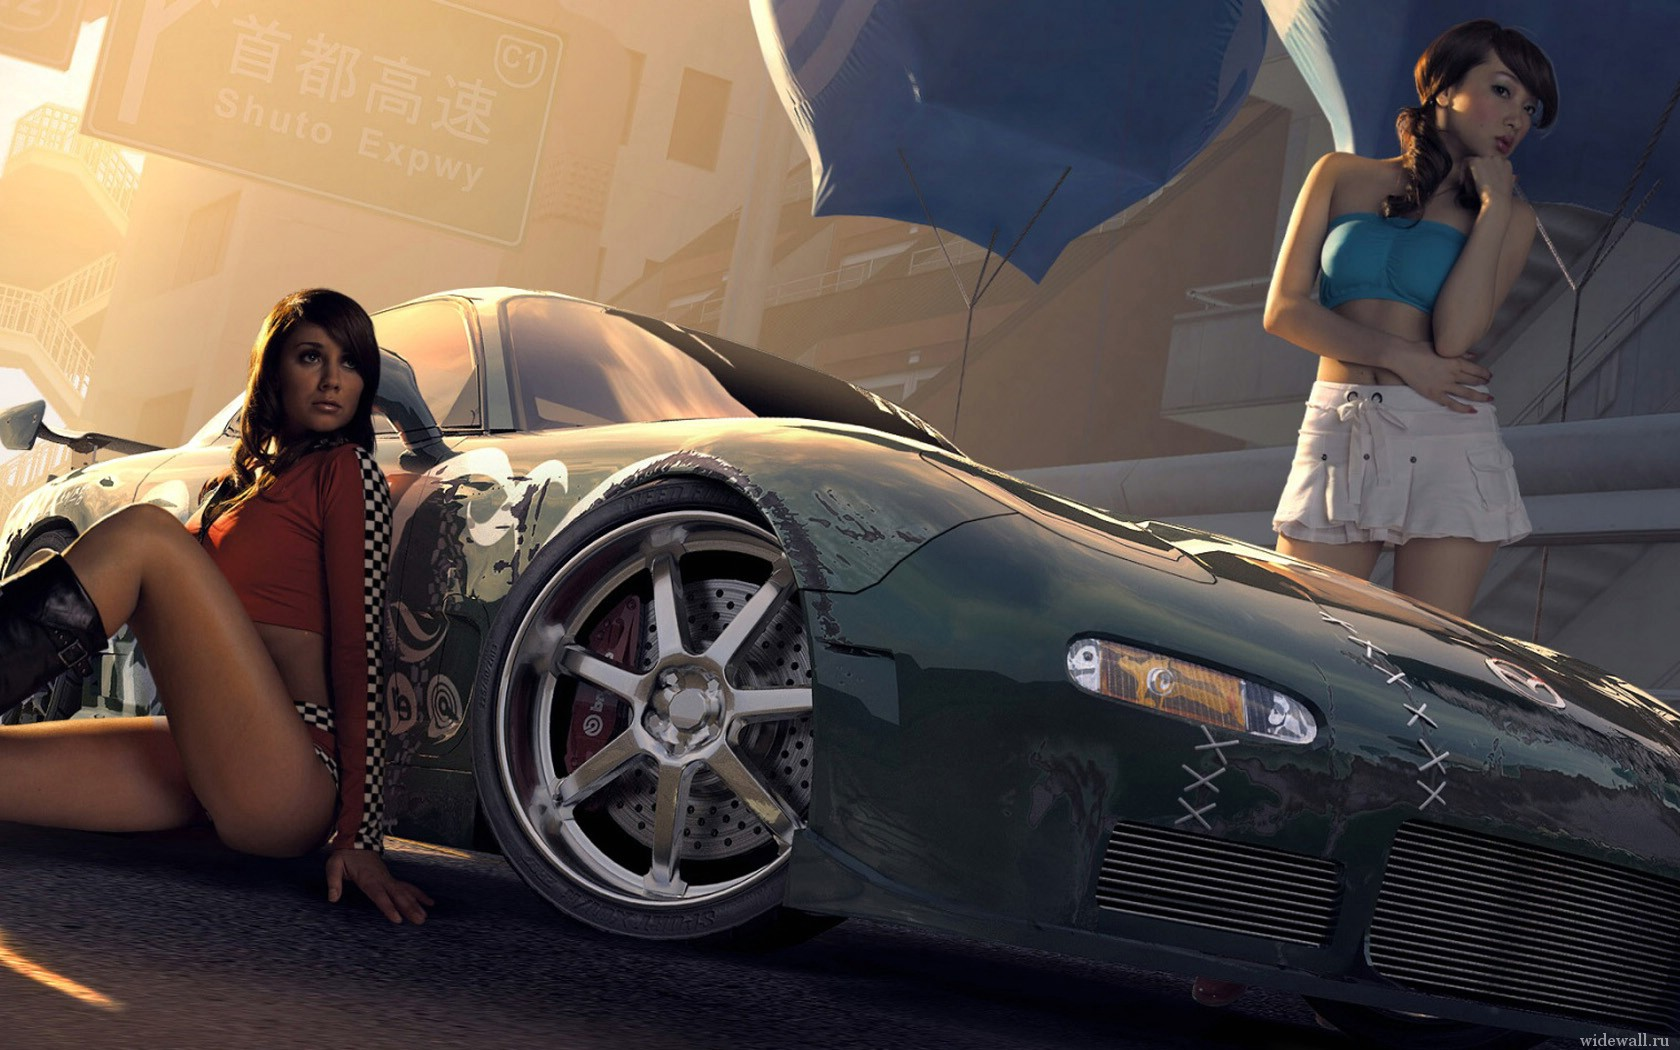 фото с машинами с девушками